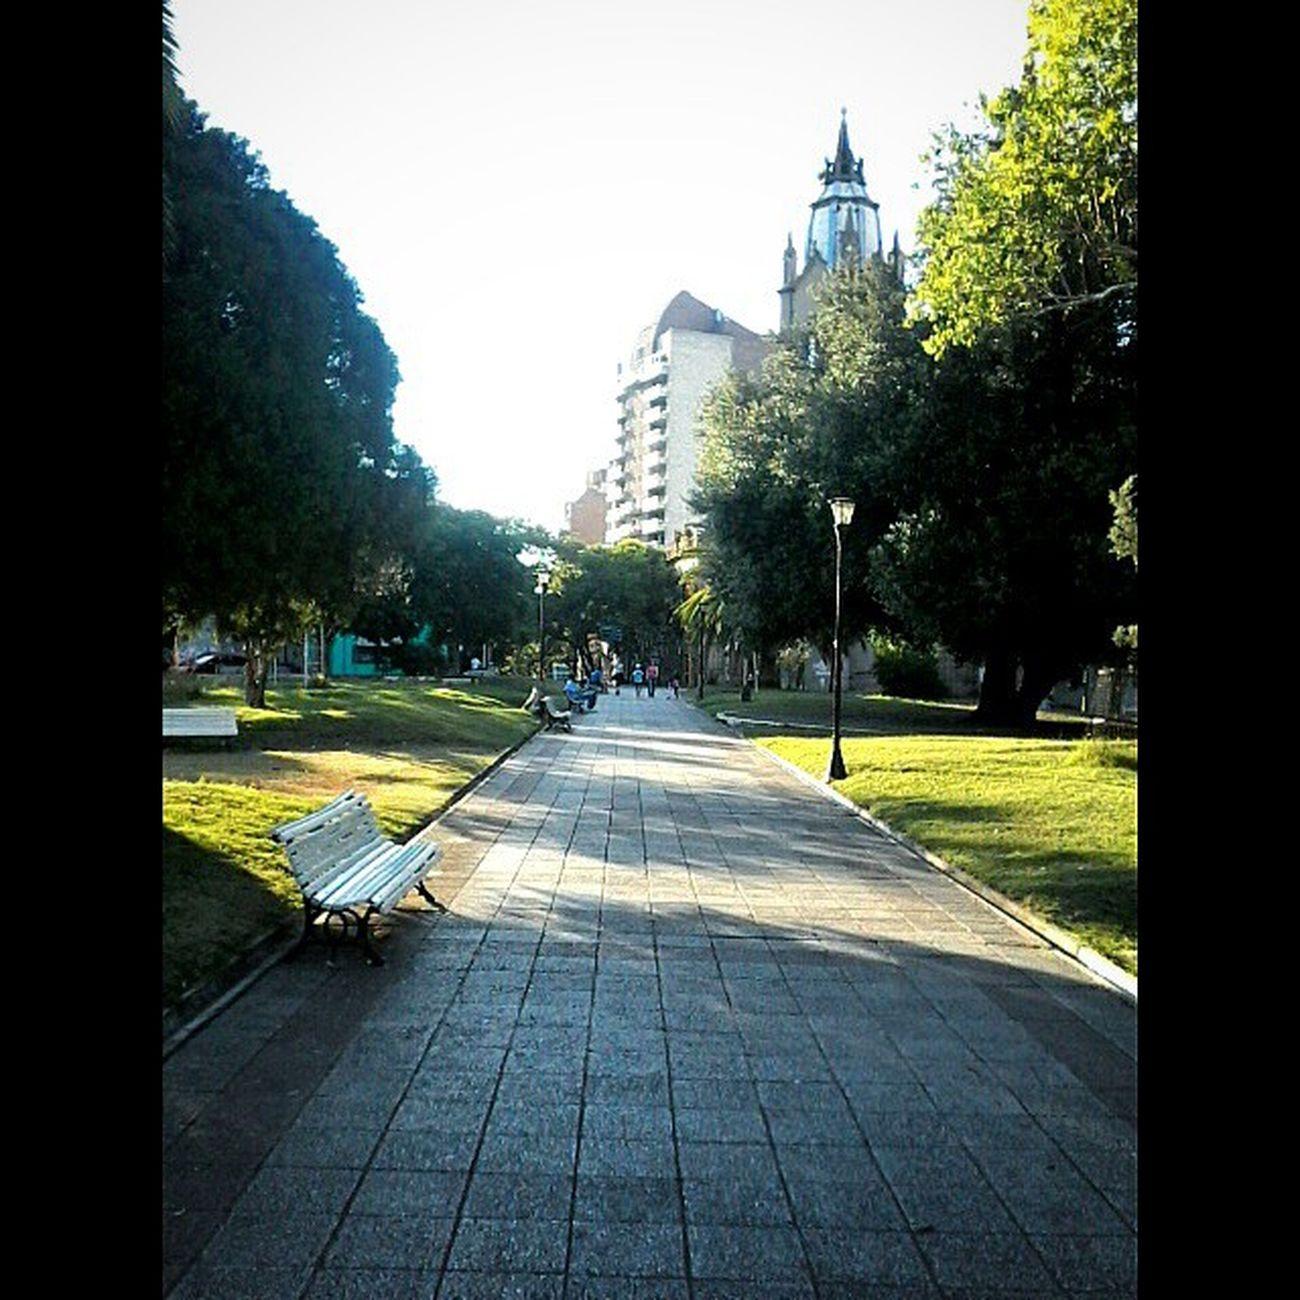 Linda tarde en la plaza Alvear. Linda Tarde  Plaza Paraná alvear otoño